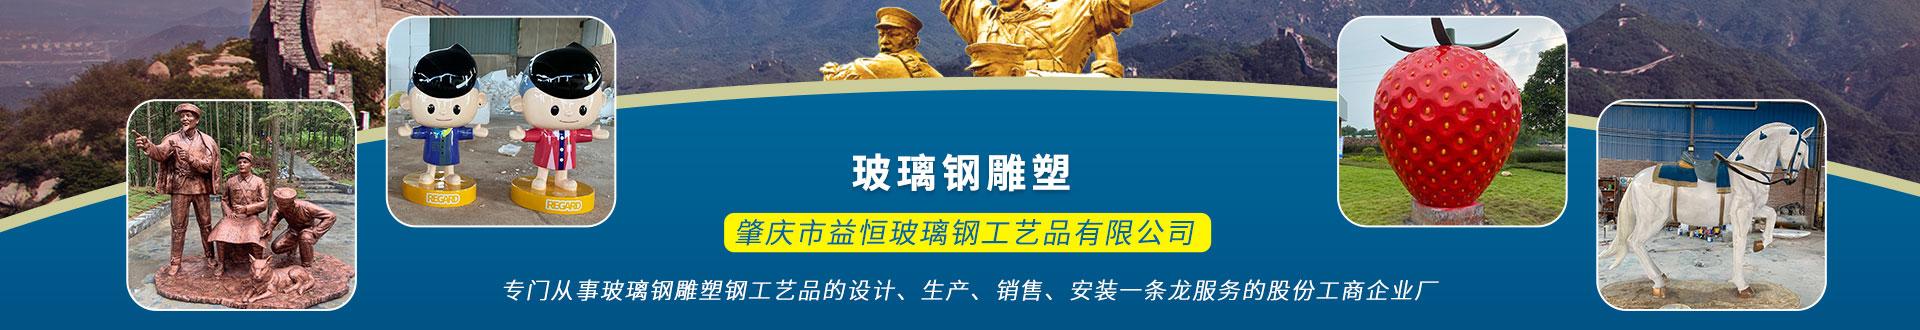 肇庆市益恒玻璃钢工艺品有限公司